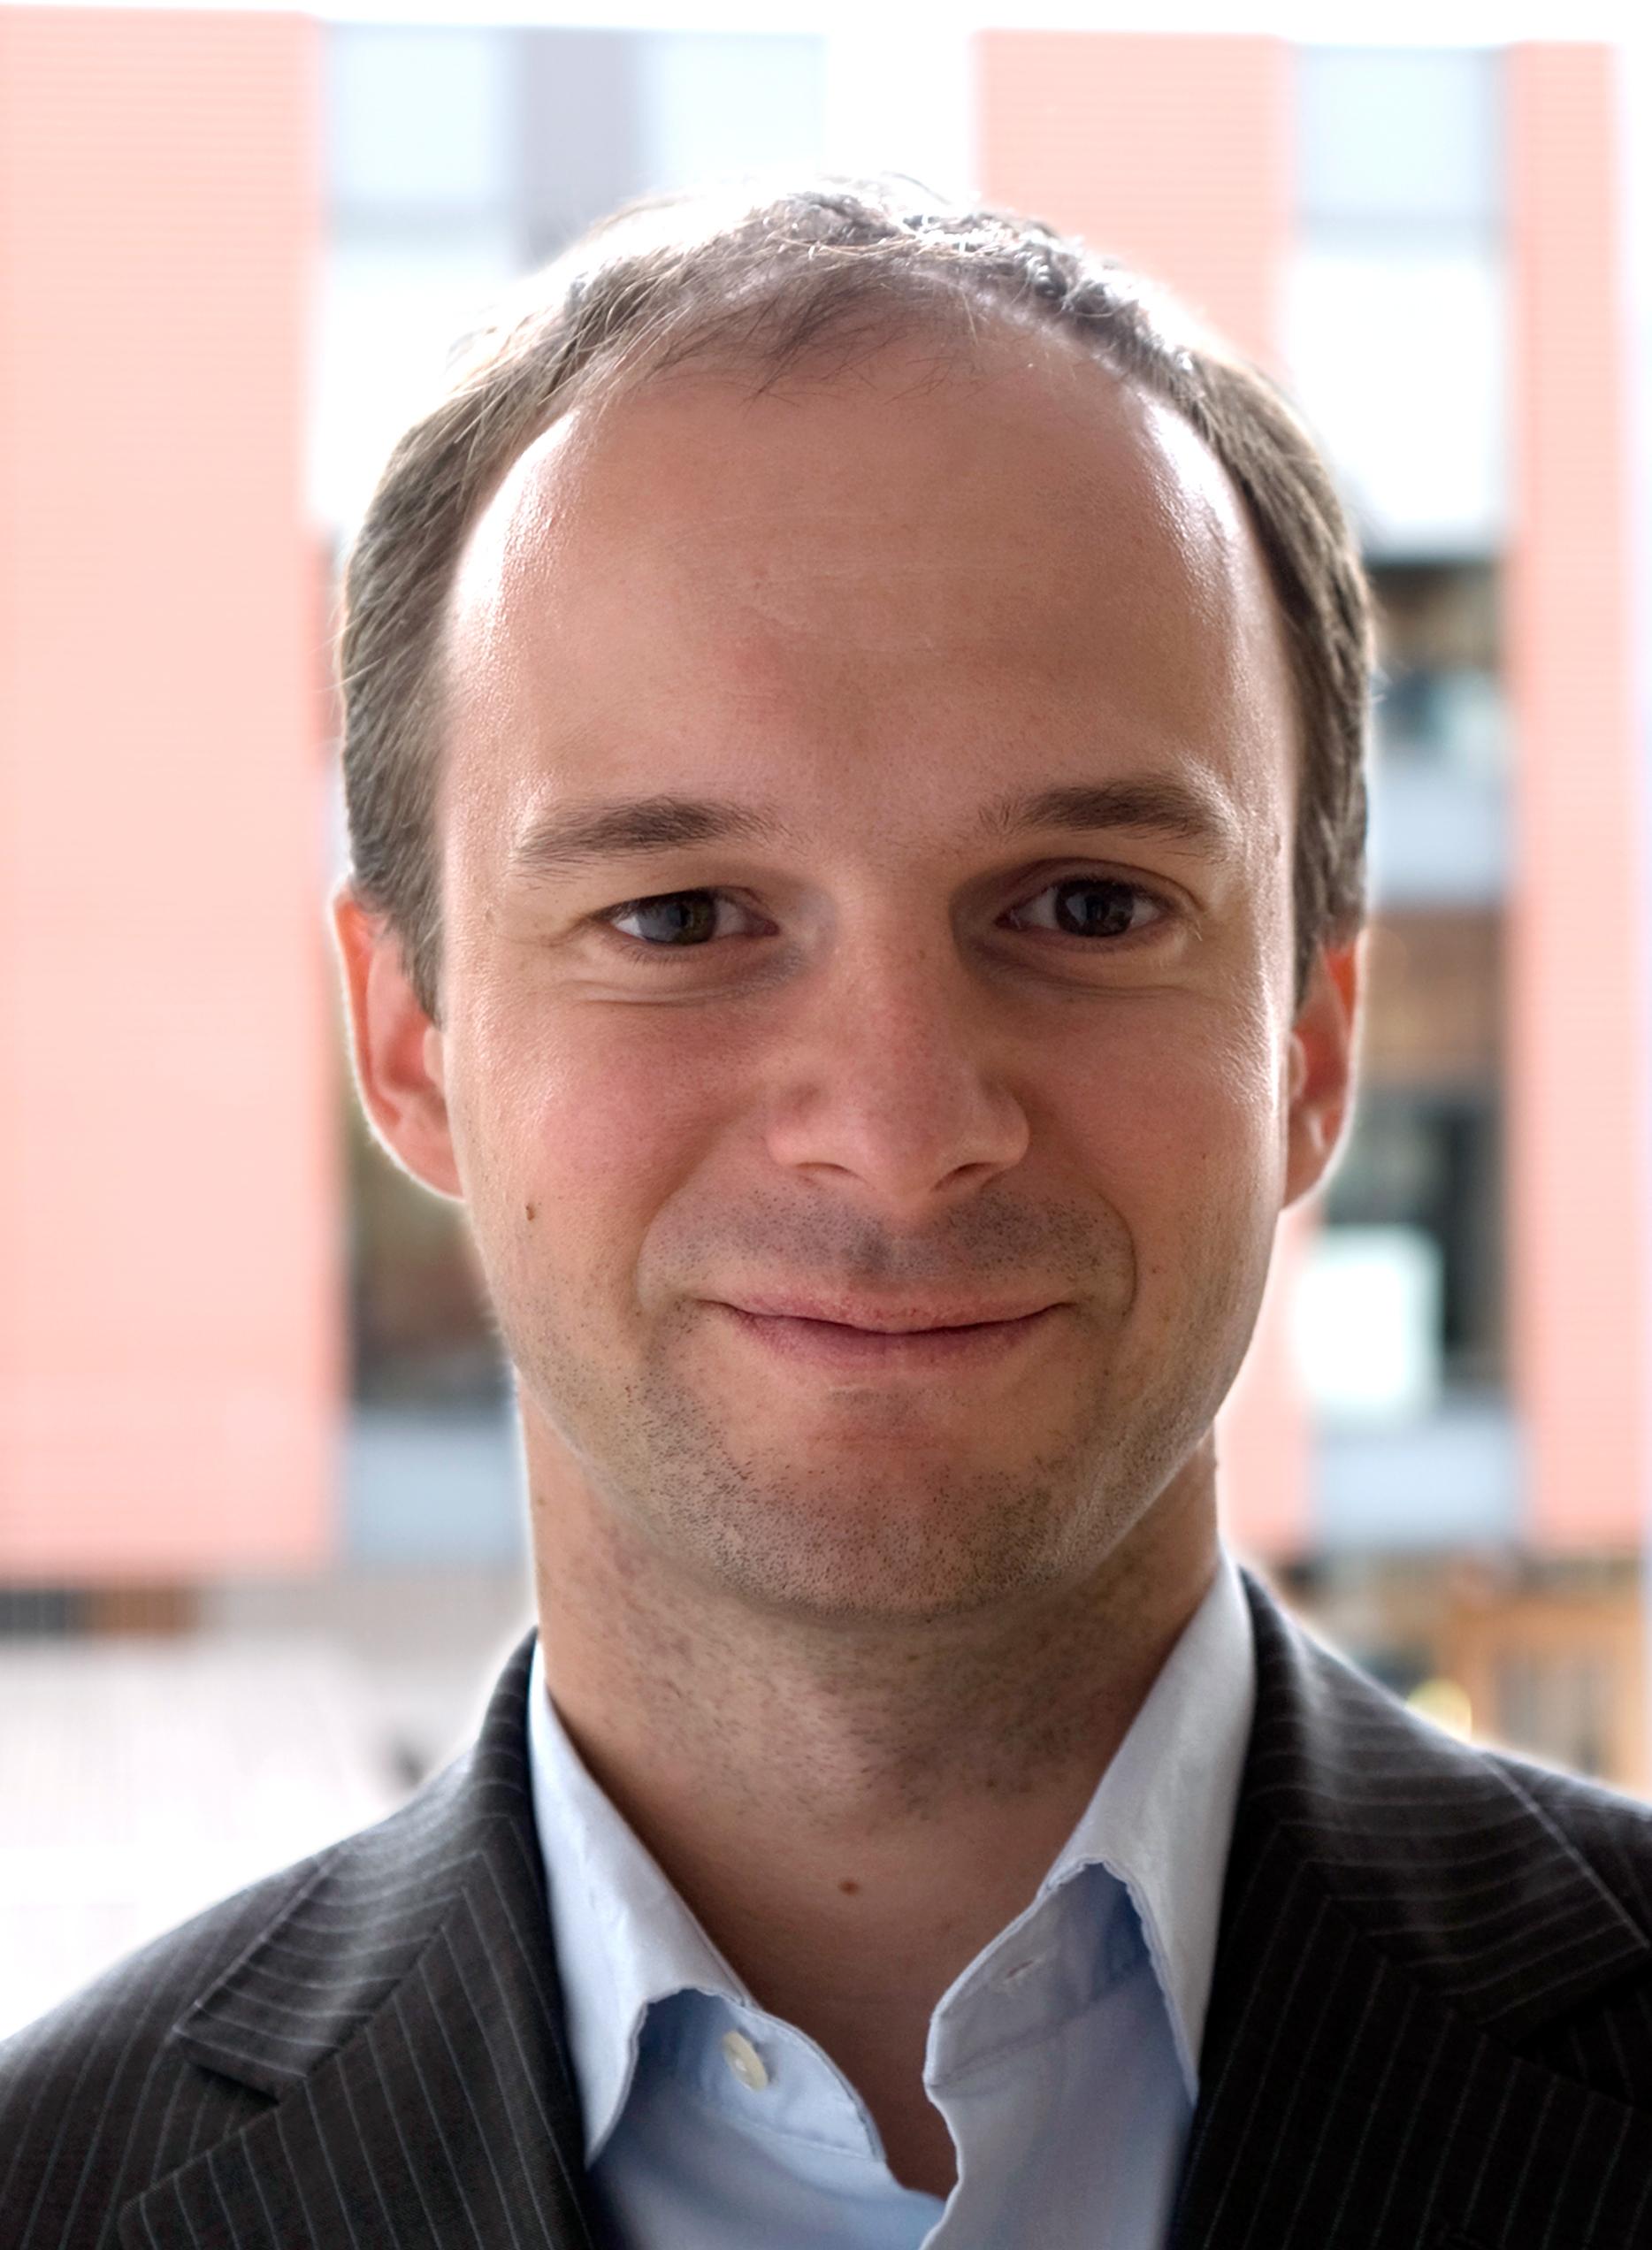 Sven Bauer, Inhaber der Hamburger Social Media Agentur media makis